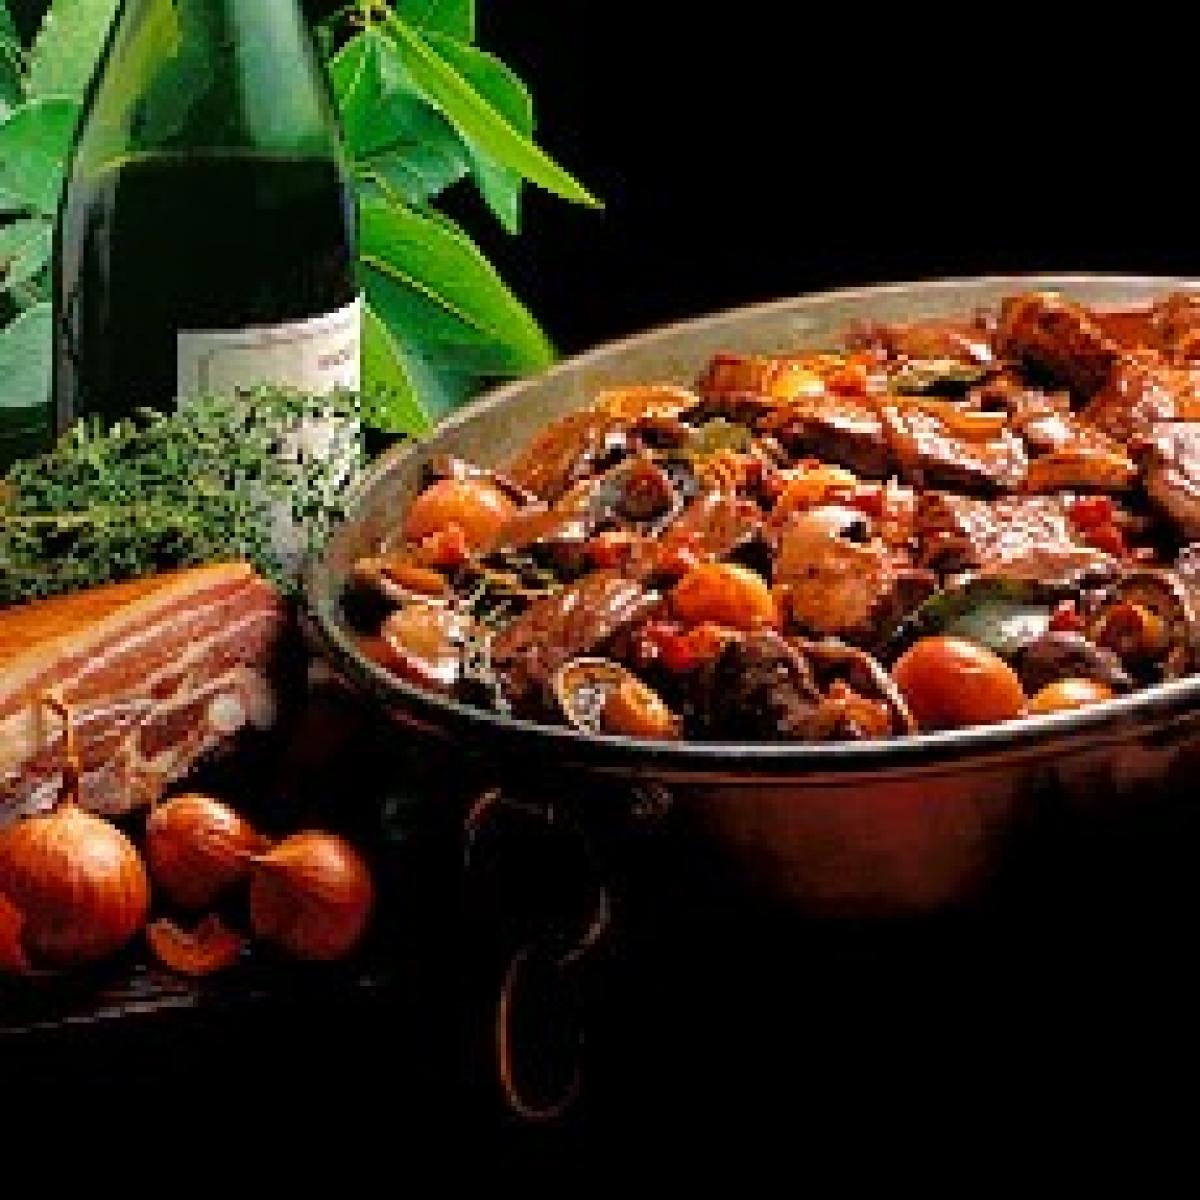 Boeuf bourguignon recipes delia online - Cuisine bourguignonne ...